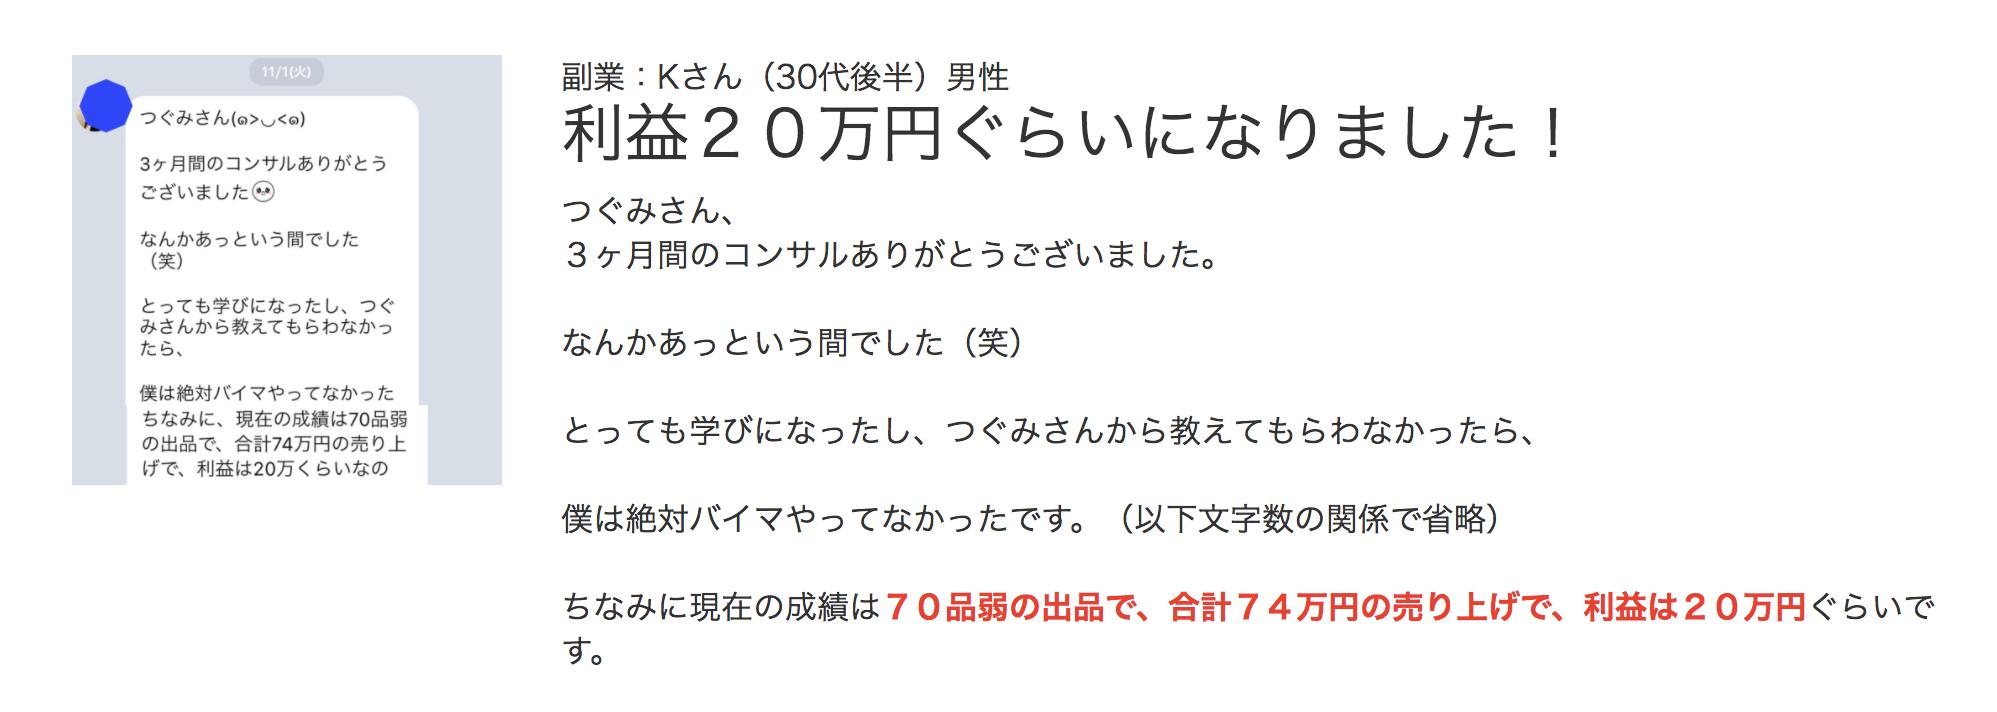 利益20万円達成